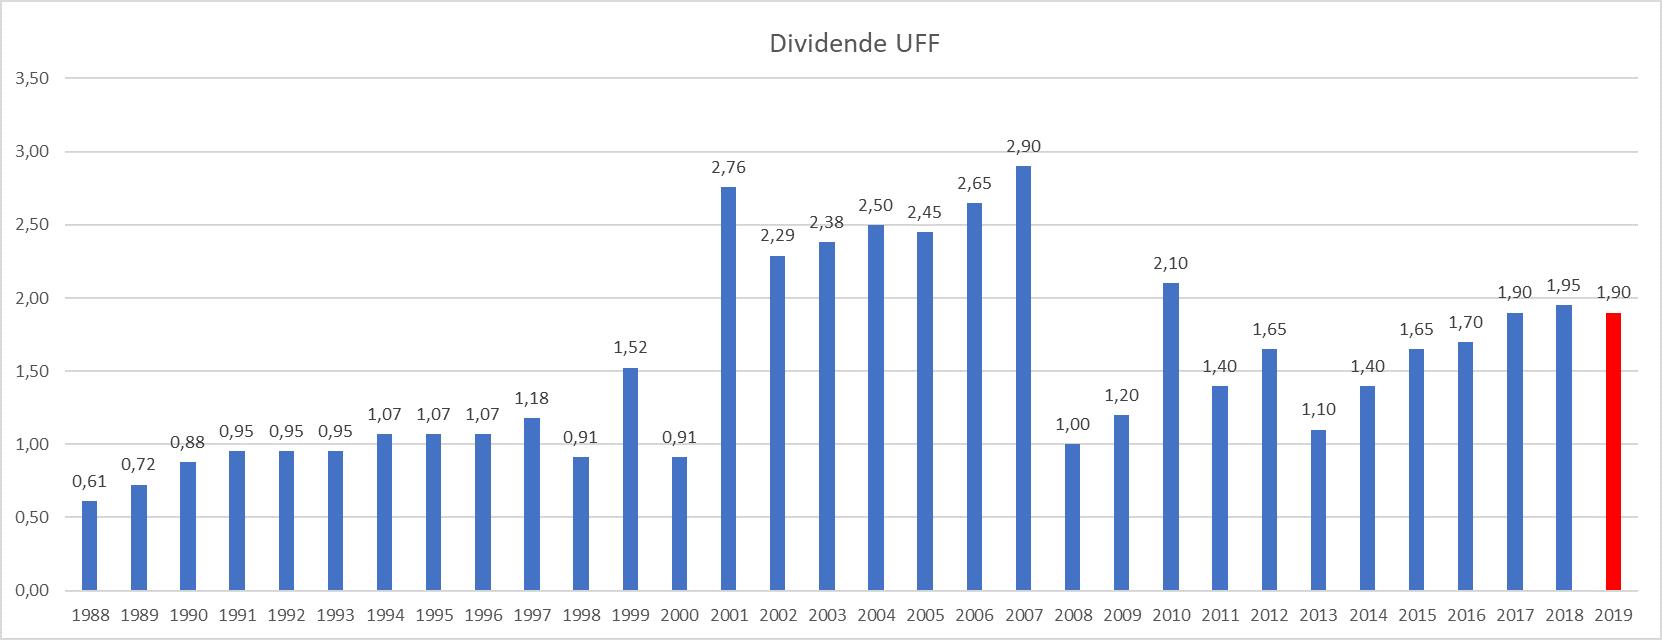 plus gros dividende France UFF